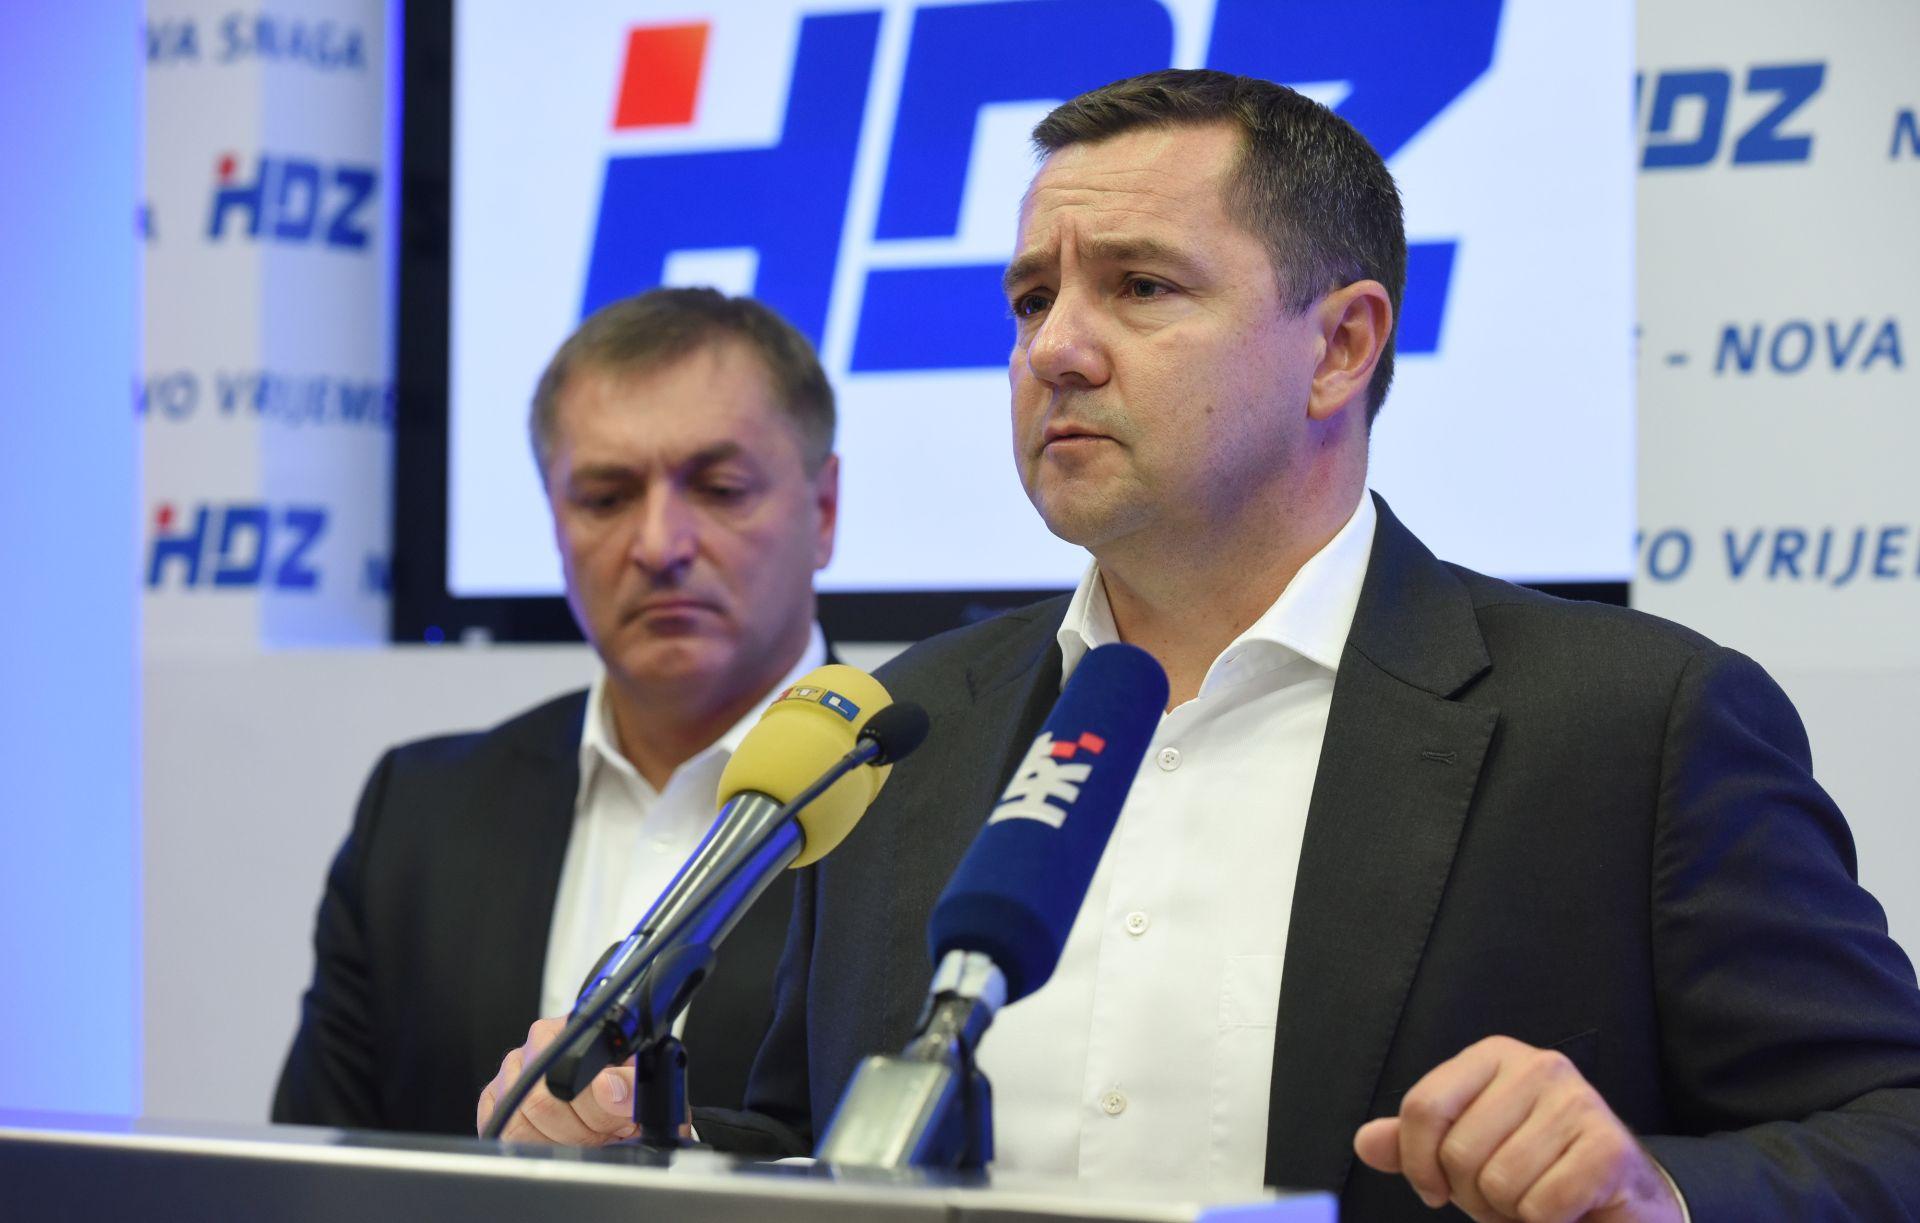 Mikulić (HDZ): Vlada odugovlači s imenovanjem zračne luke po dr. Franji Tuđmanu